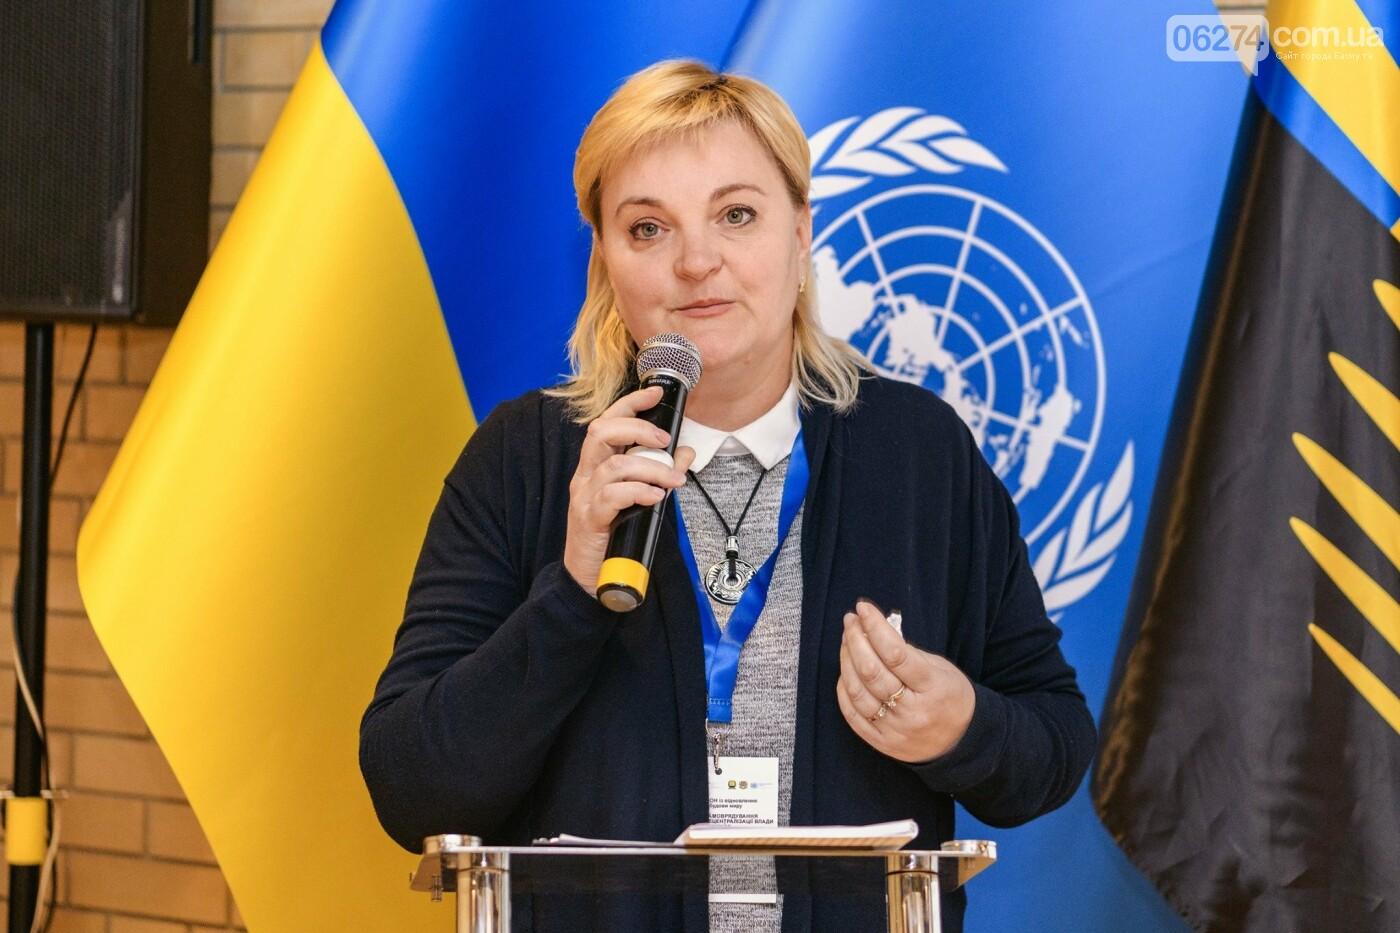 Наталья Дроздова, и. о. директора УВК №11 - Фейсбук Наталья Дроздова